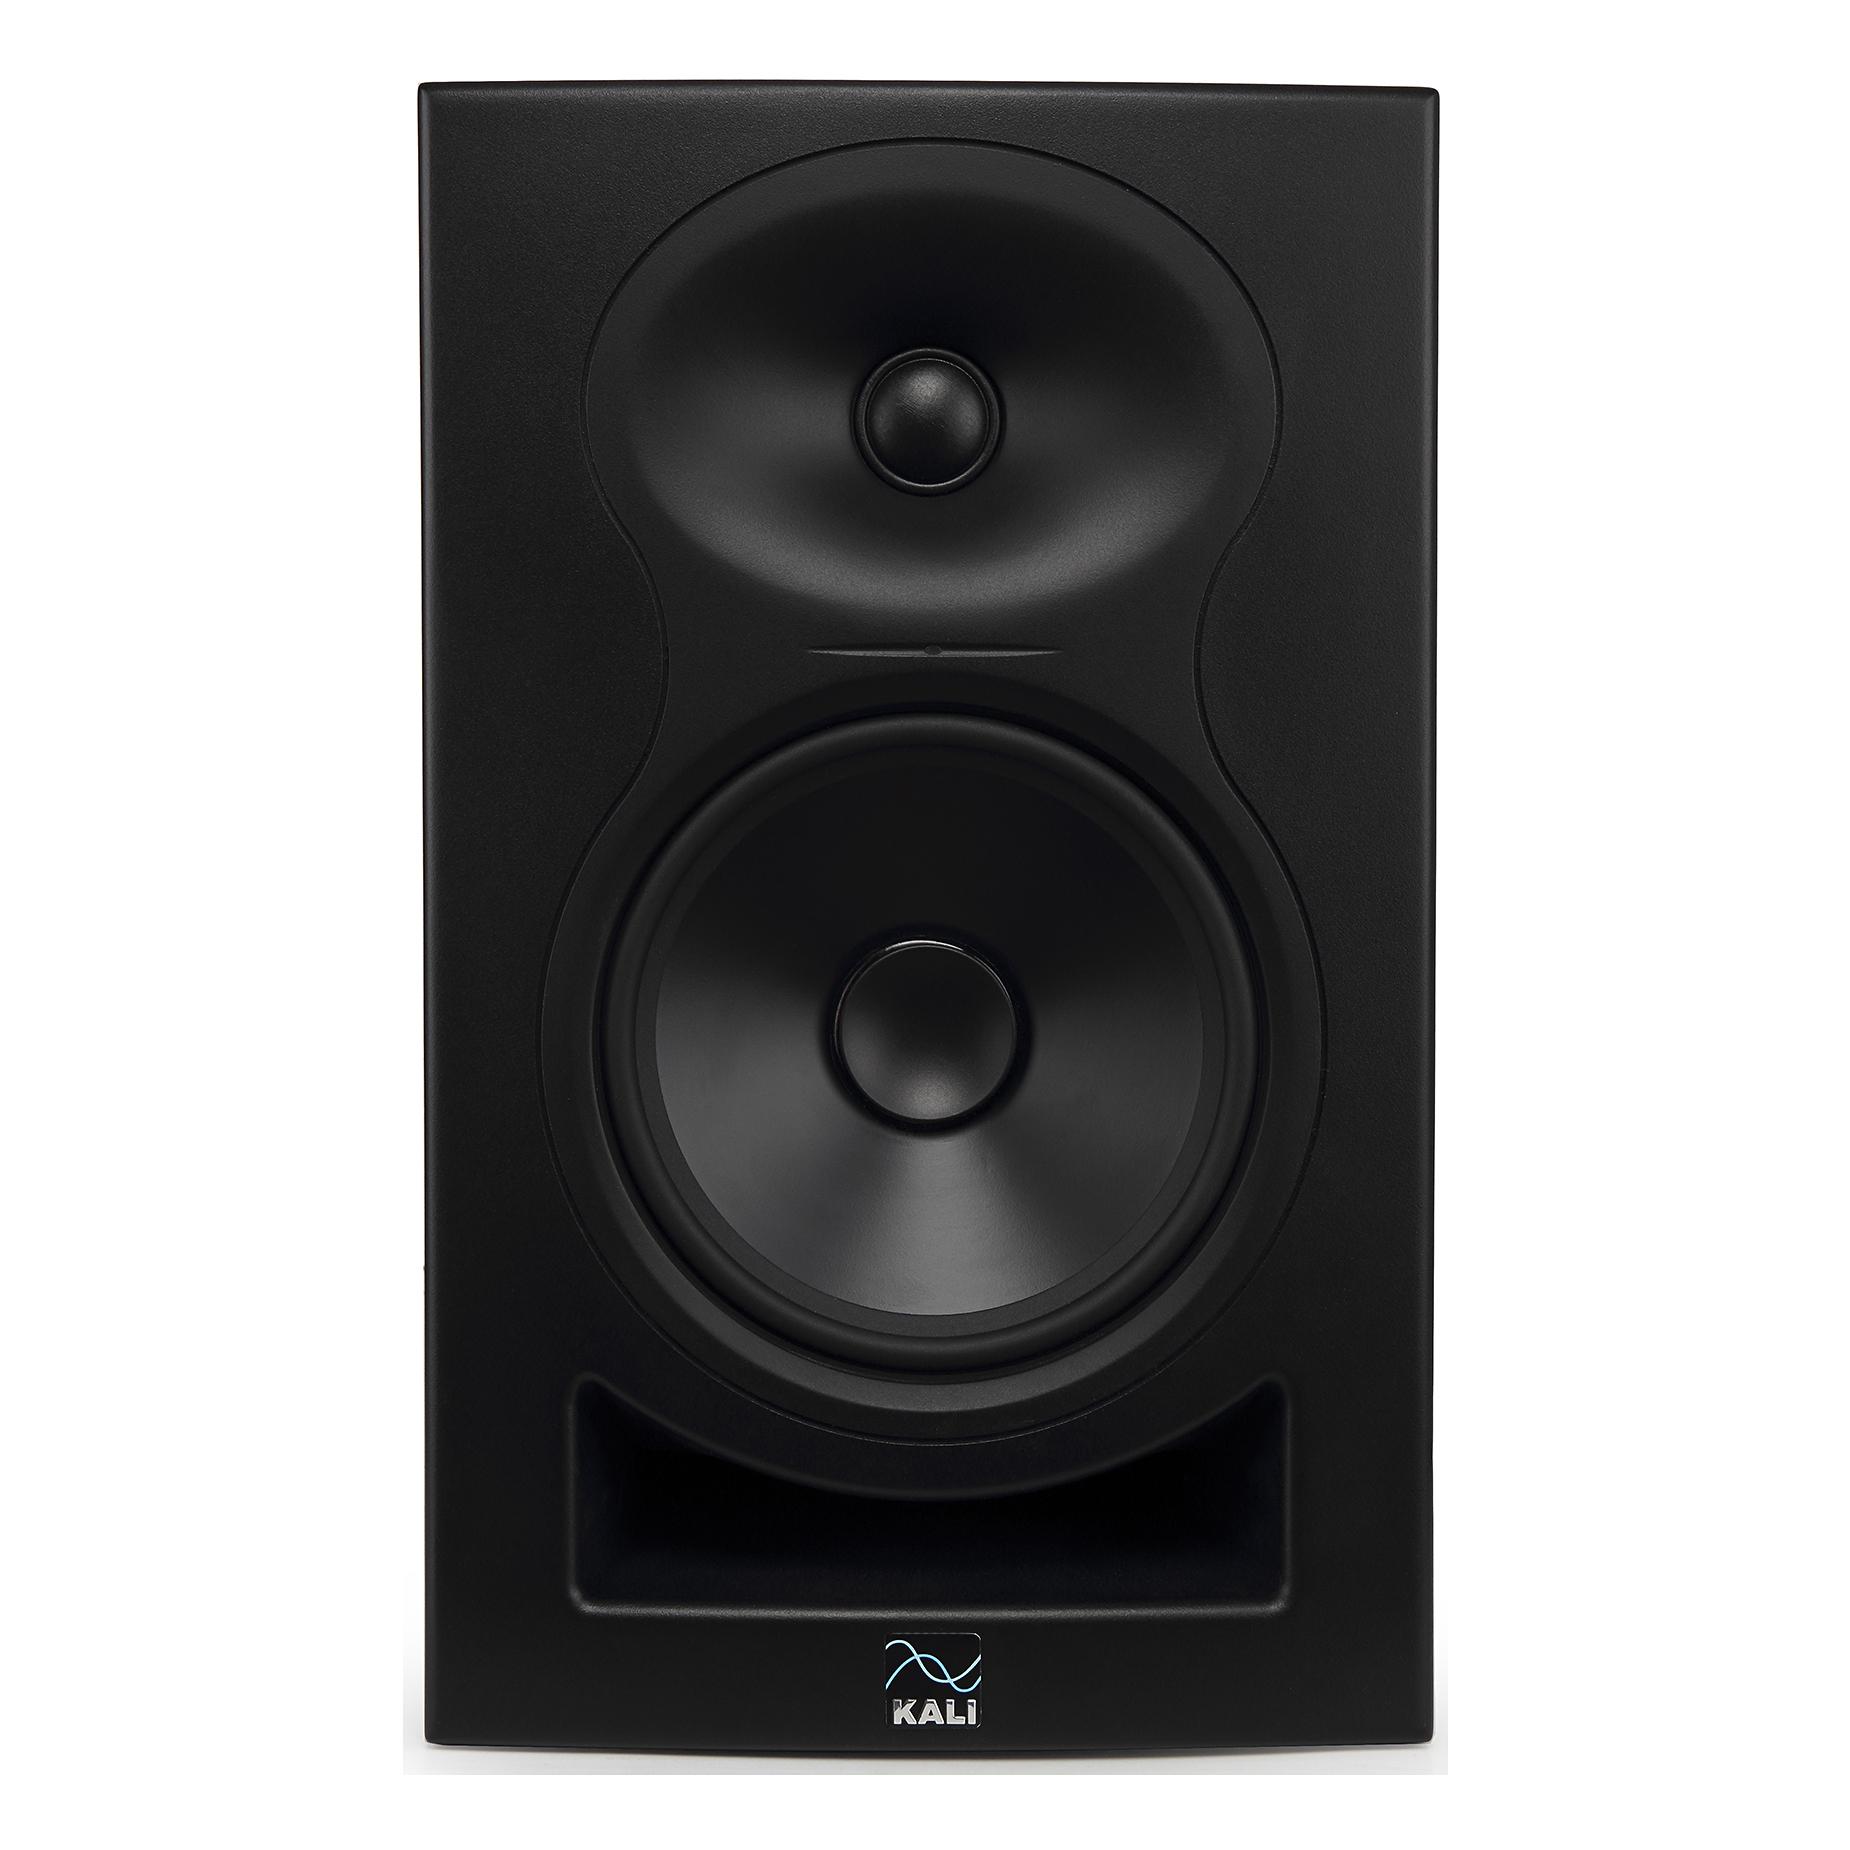 Kali Audio LP-6 front